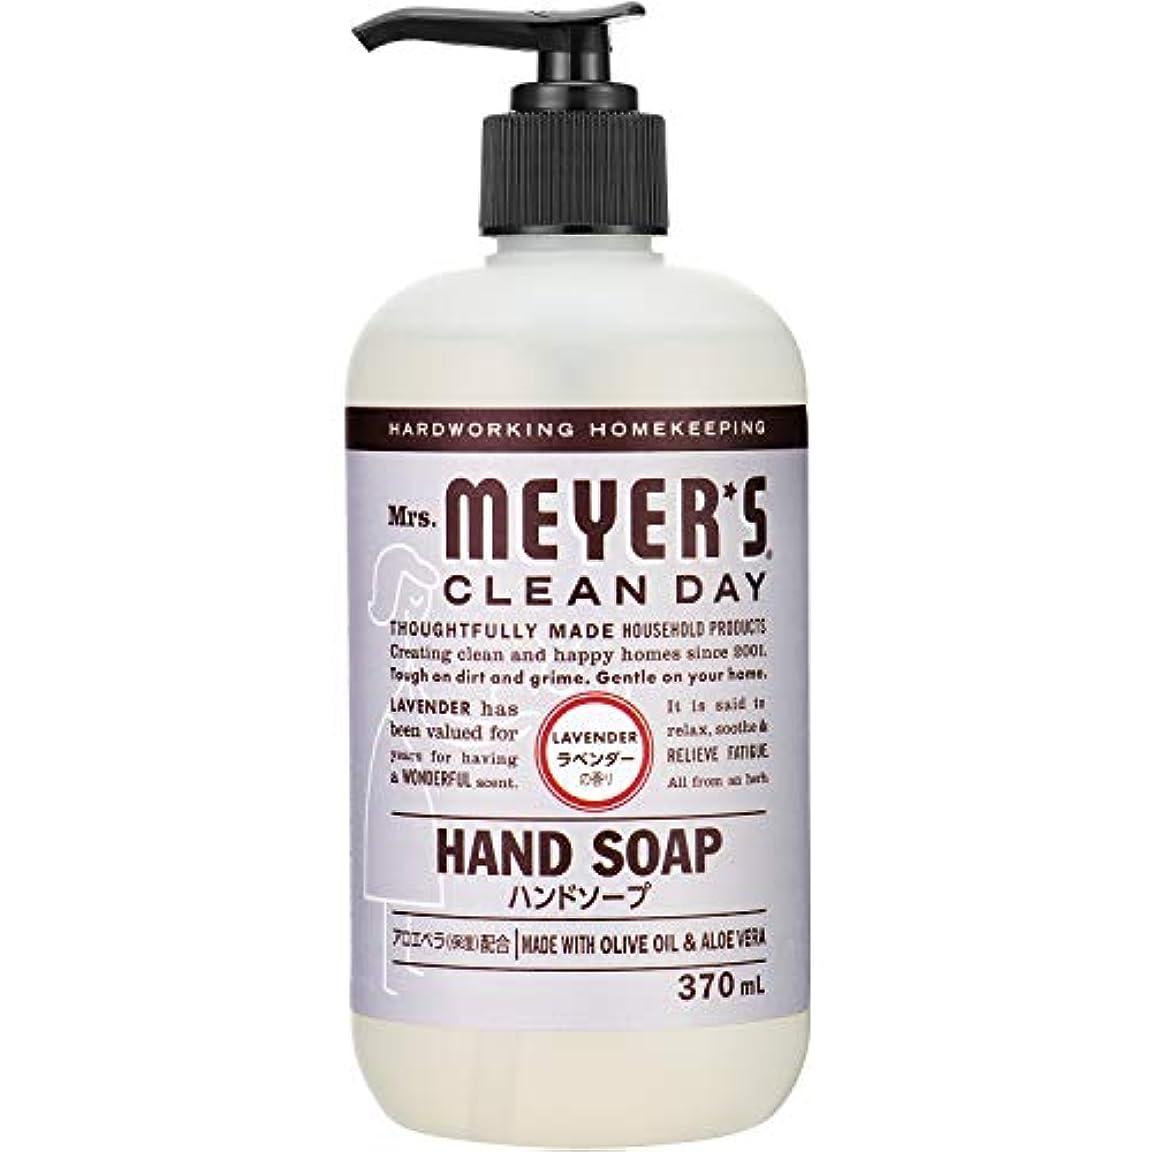 終わり補う仲介者Mrs. MEYER'S CLEAN DAY(ミセスマイヤーズ クリーンデイ) ミセスマイヤーズ クリーンデイ(Mrs.Meyers Clean Day) ハンドソープ ラベンダーの香り 370ml 1個